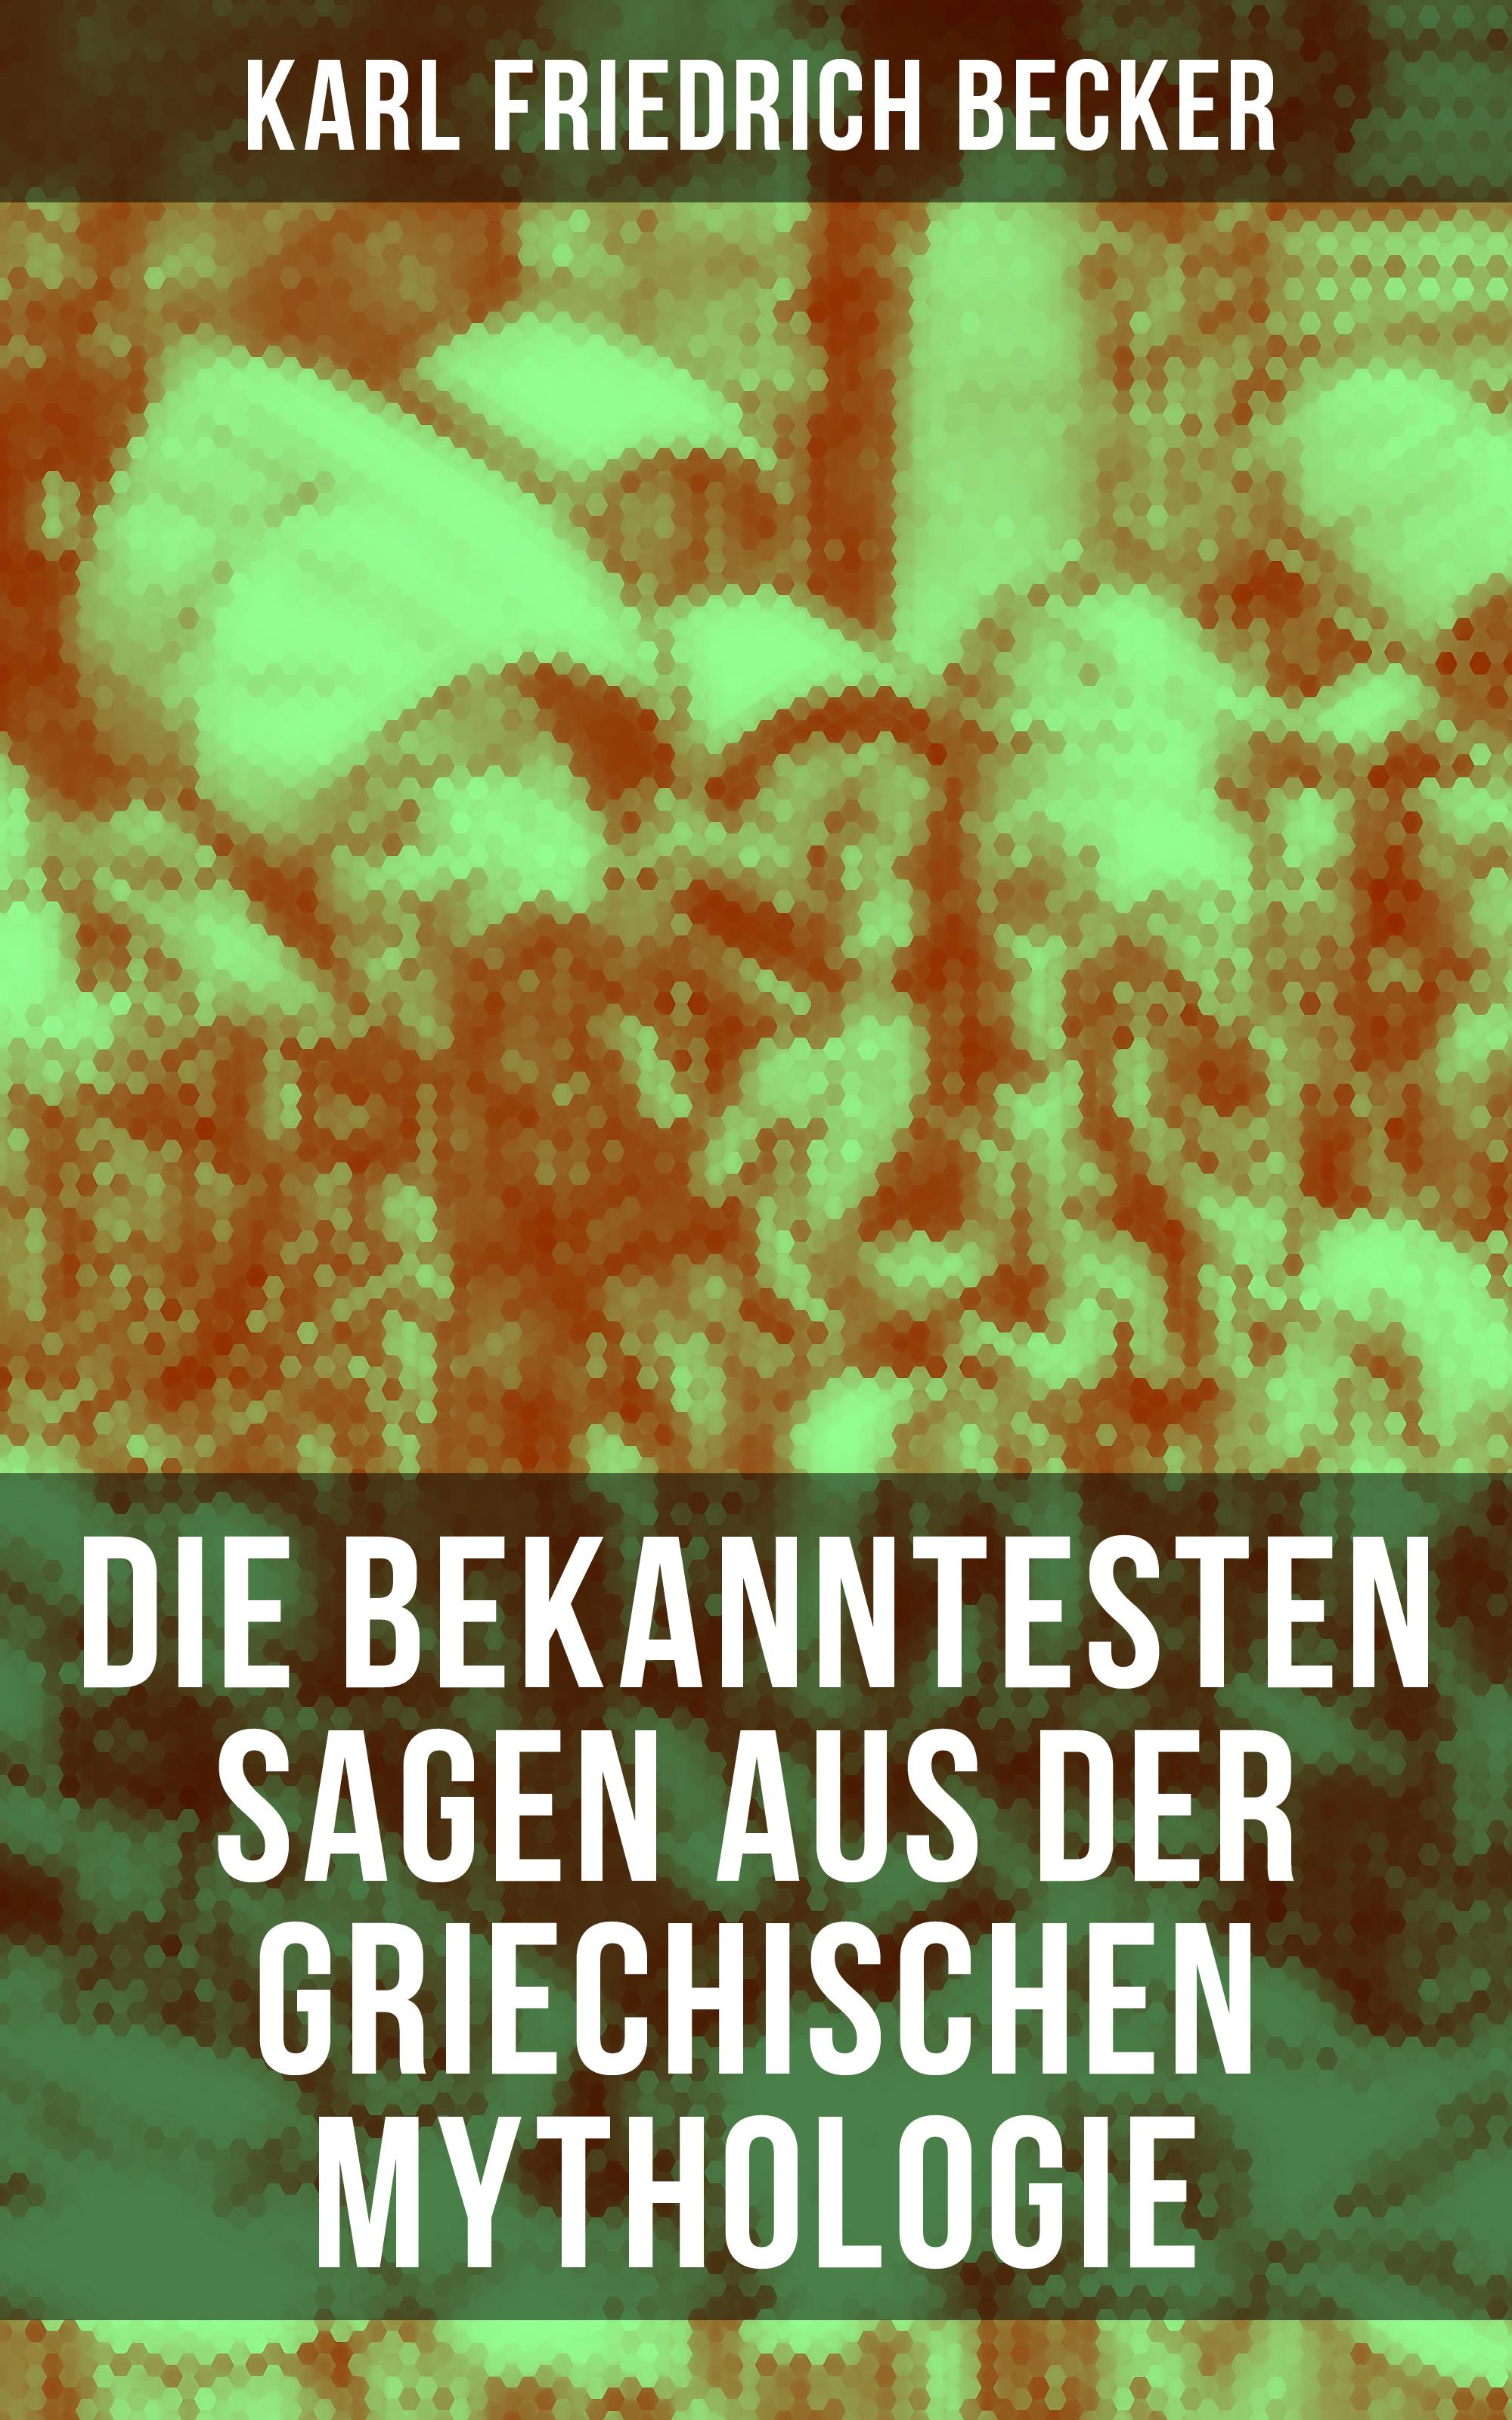 Karl Friedrich Becker Die bekanntesten Sagen aus der Griechischen Mythologie karl friedrich becker weltgeschichte t 4